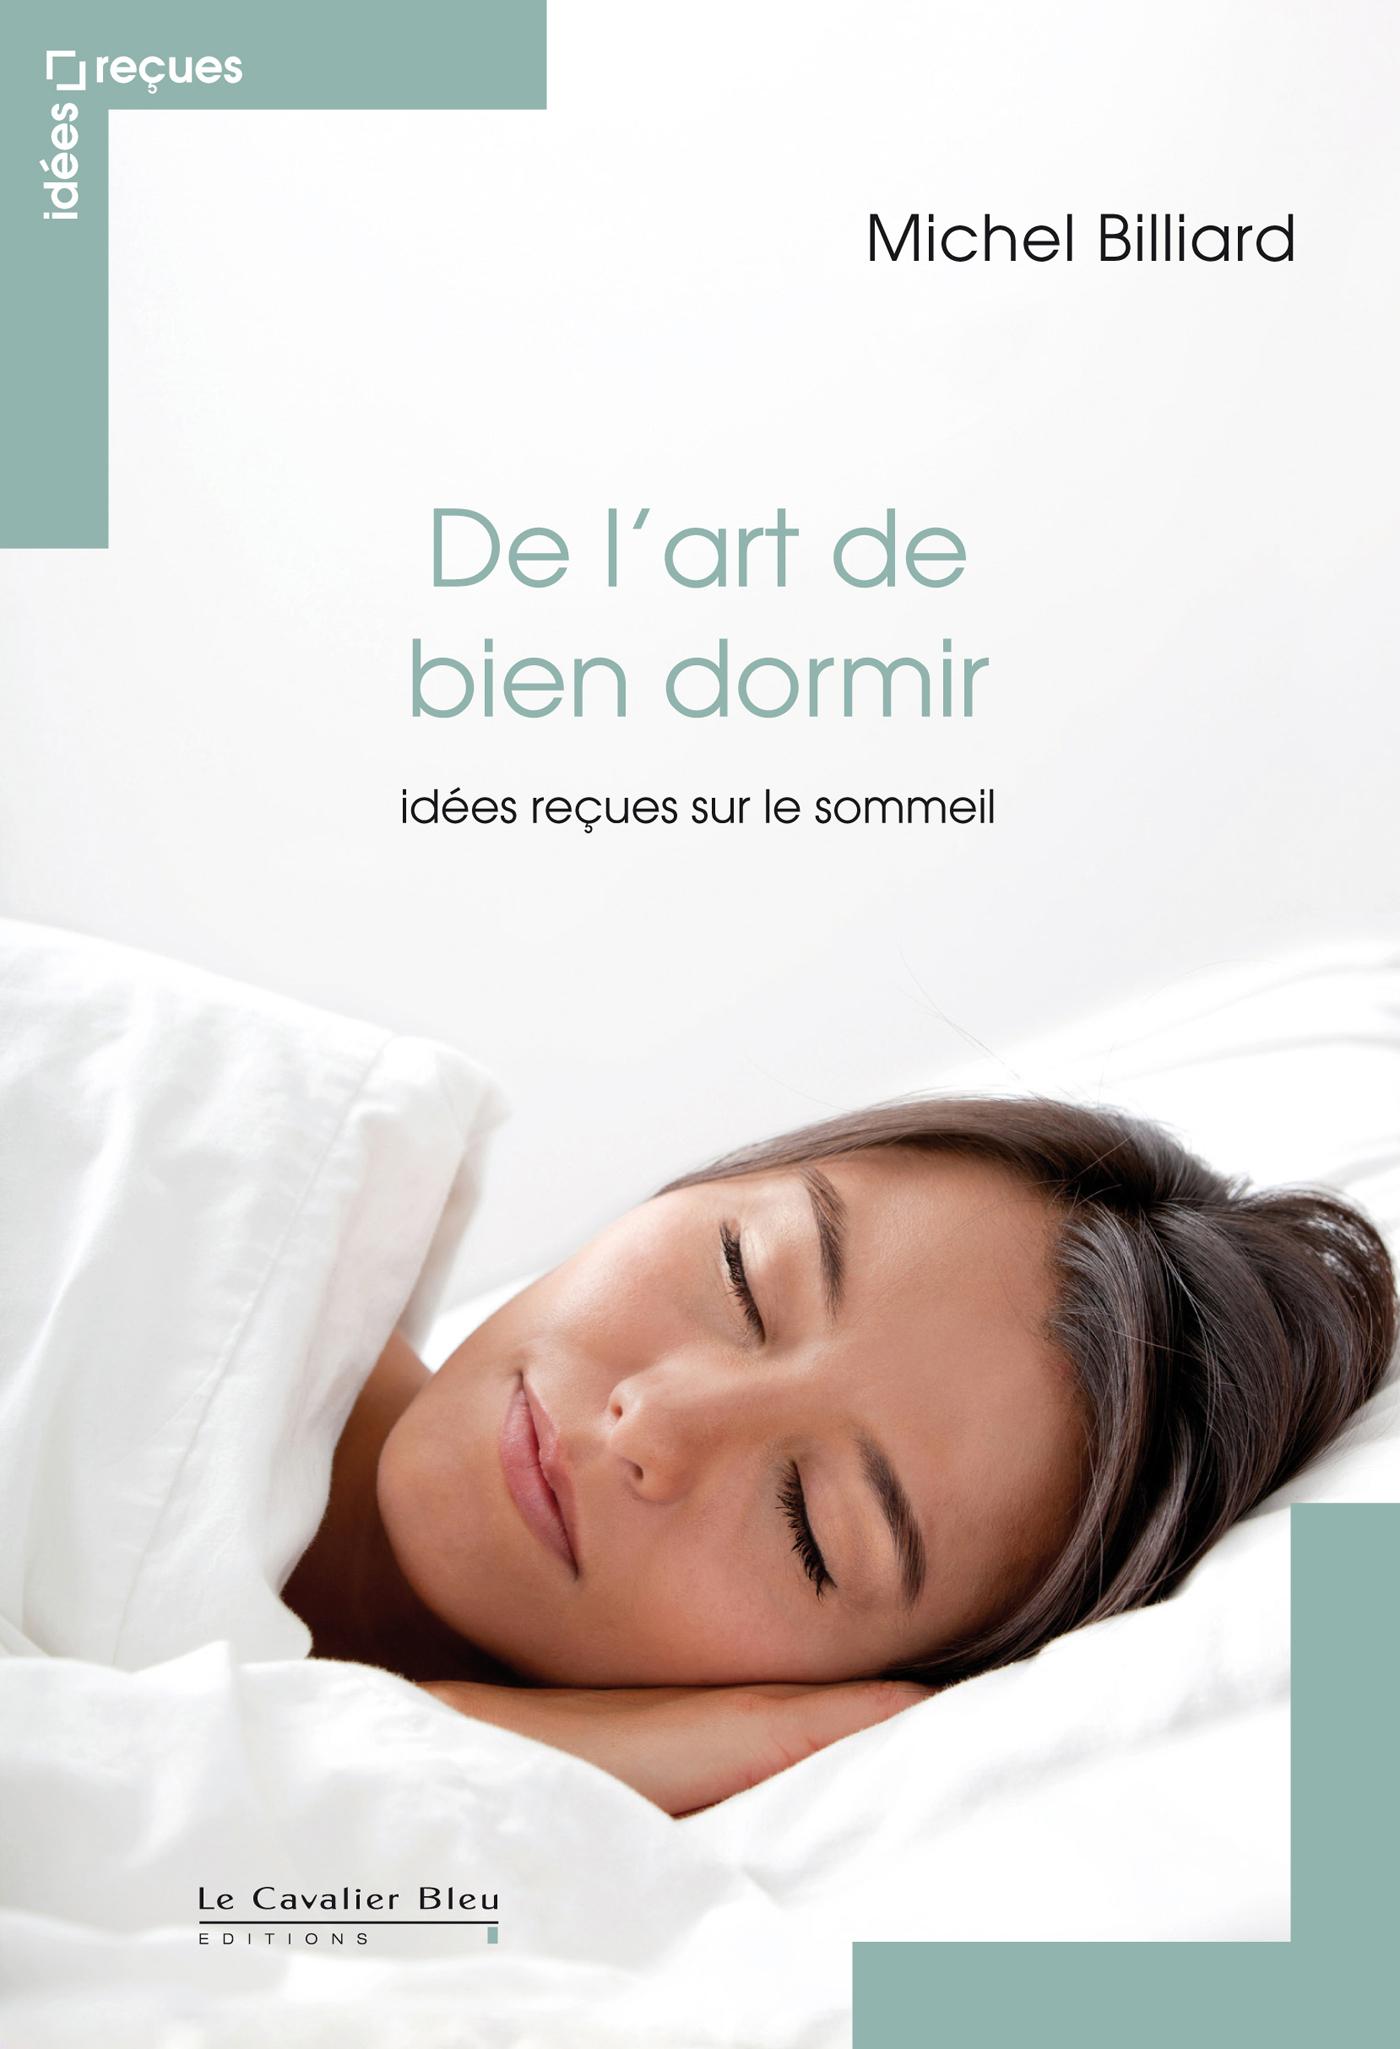 DE L'ART DE BIEN DORMIR IDEES RECUES SUR LE SOMMEIL